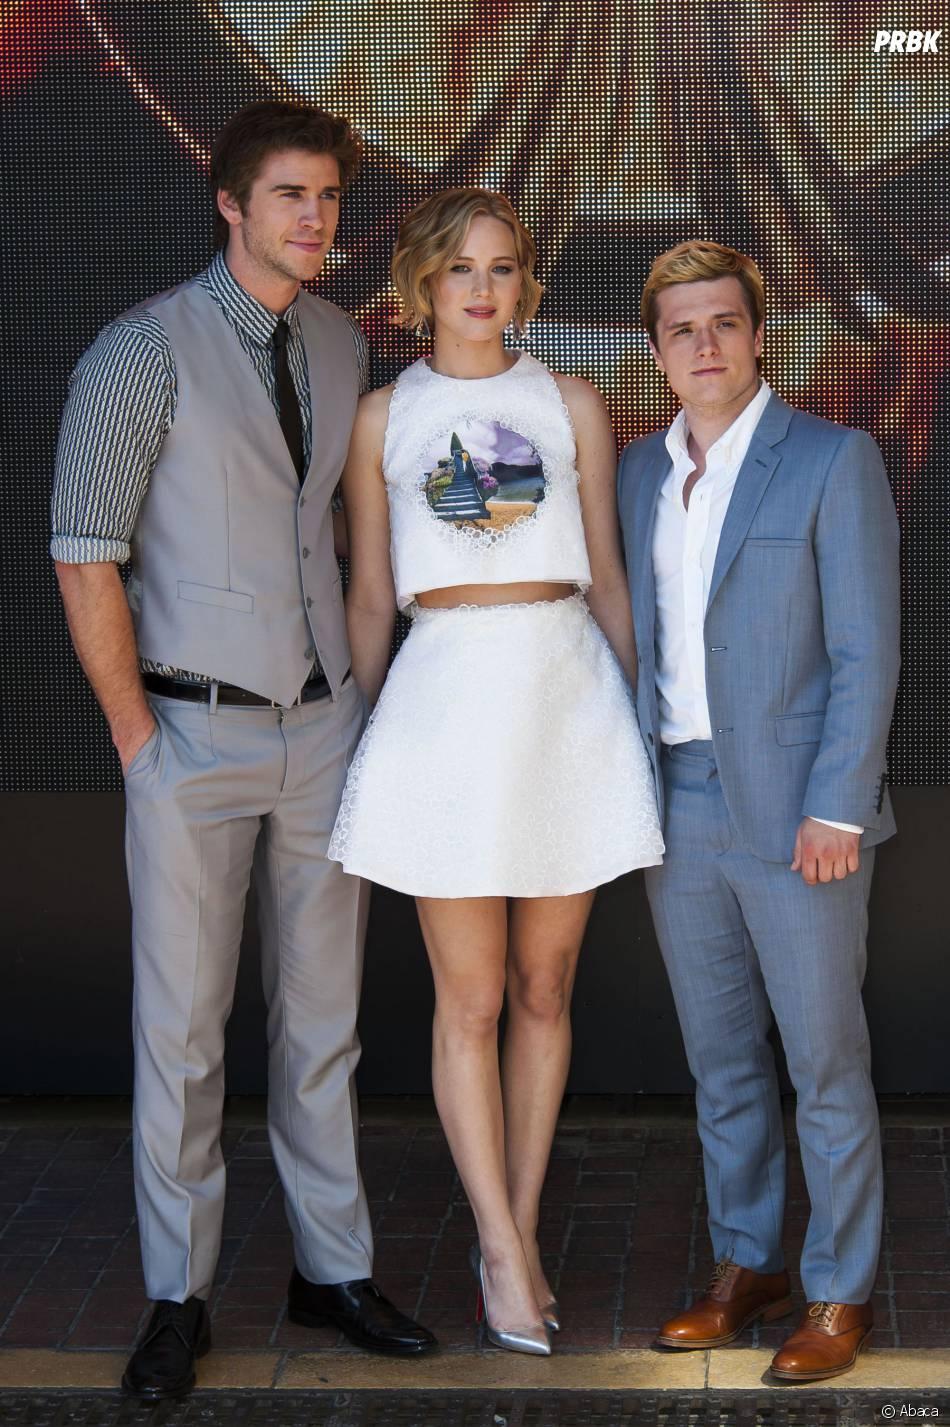 Liam Hemsworth, Jennifer Lawrence et Josh Hutcherson prennent la pose pour Hunger Games 3 au Festival de Cannes, le 17 mai 2014